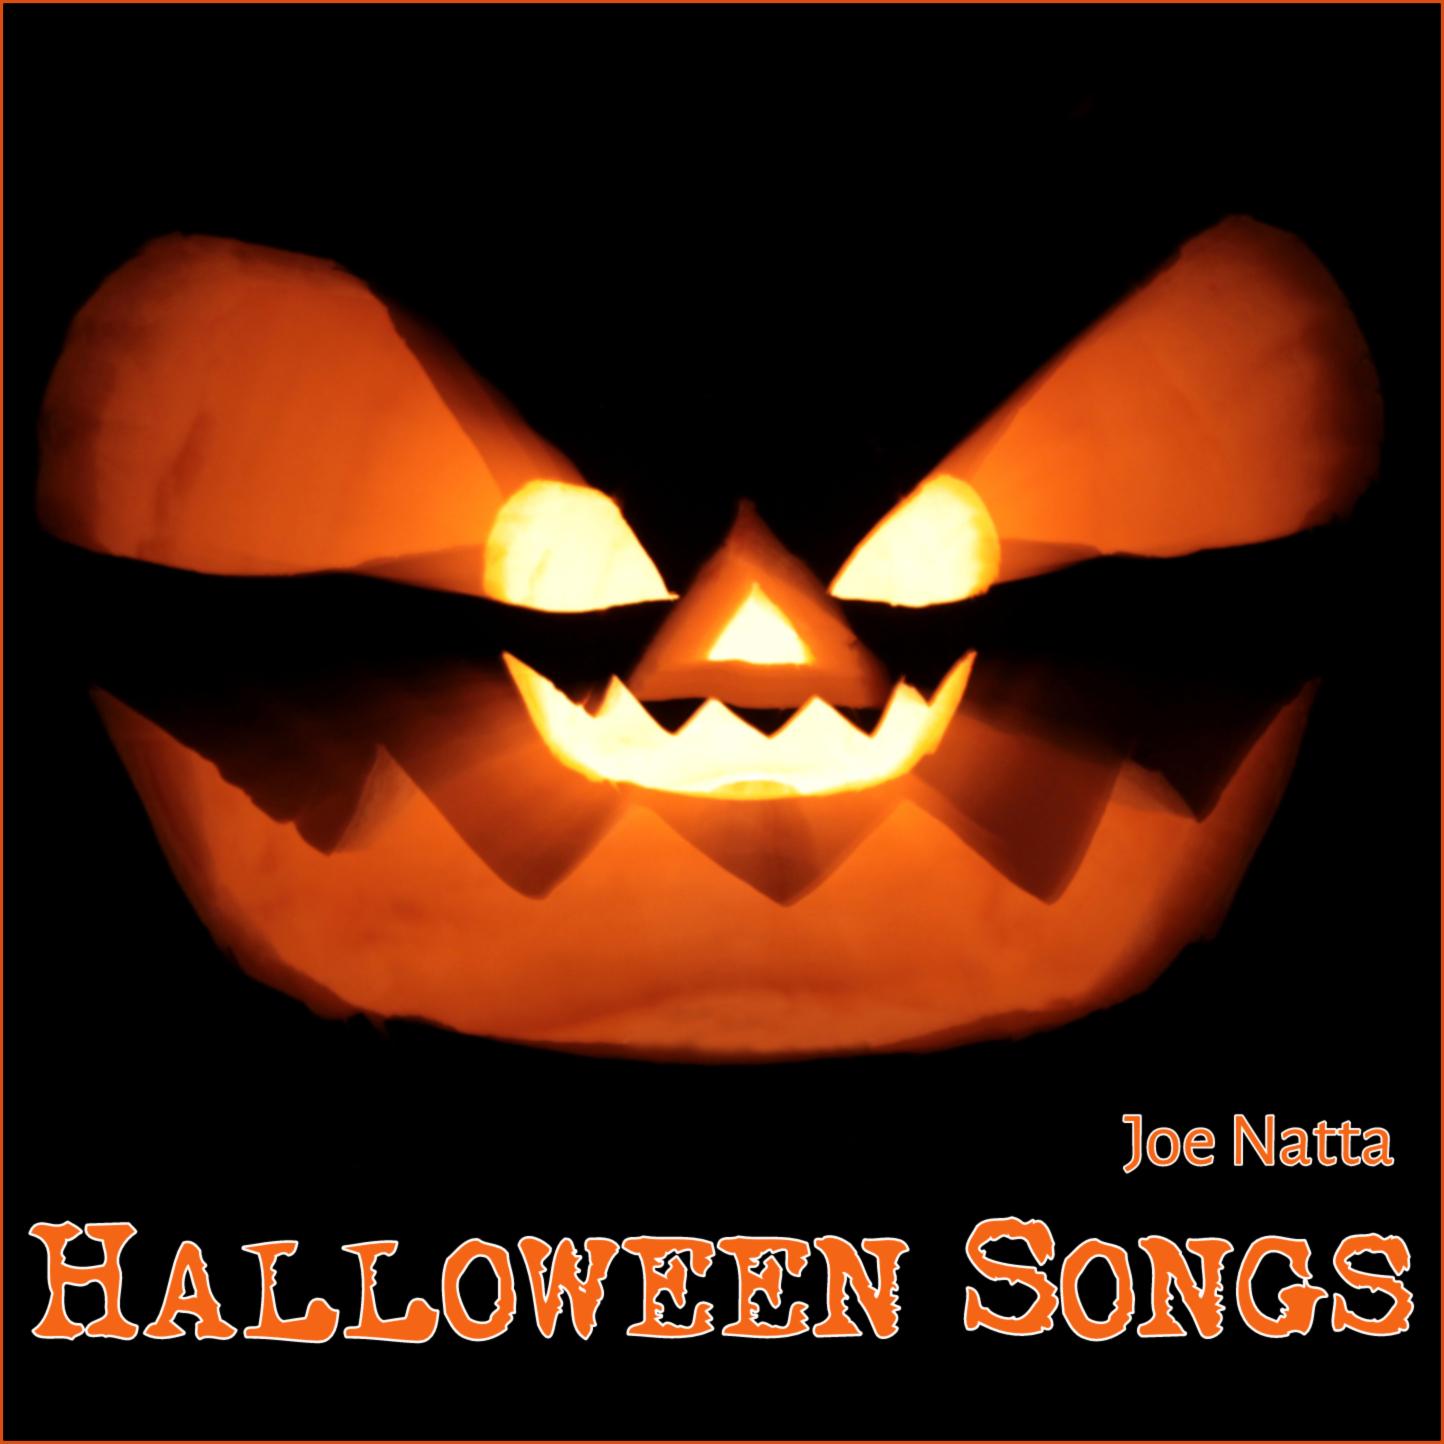 halloween songs, joe natta, musica, cantautore, canzoni, festa di halloween, festa streghe, halloween celebration, this is halloween, horror music, halloween 2019, halloween music, all hallows eve, trick or treat, songwriter